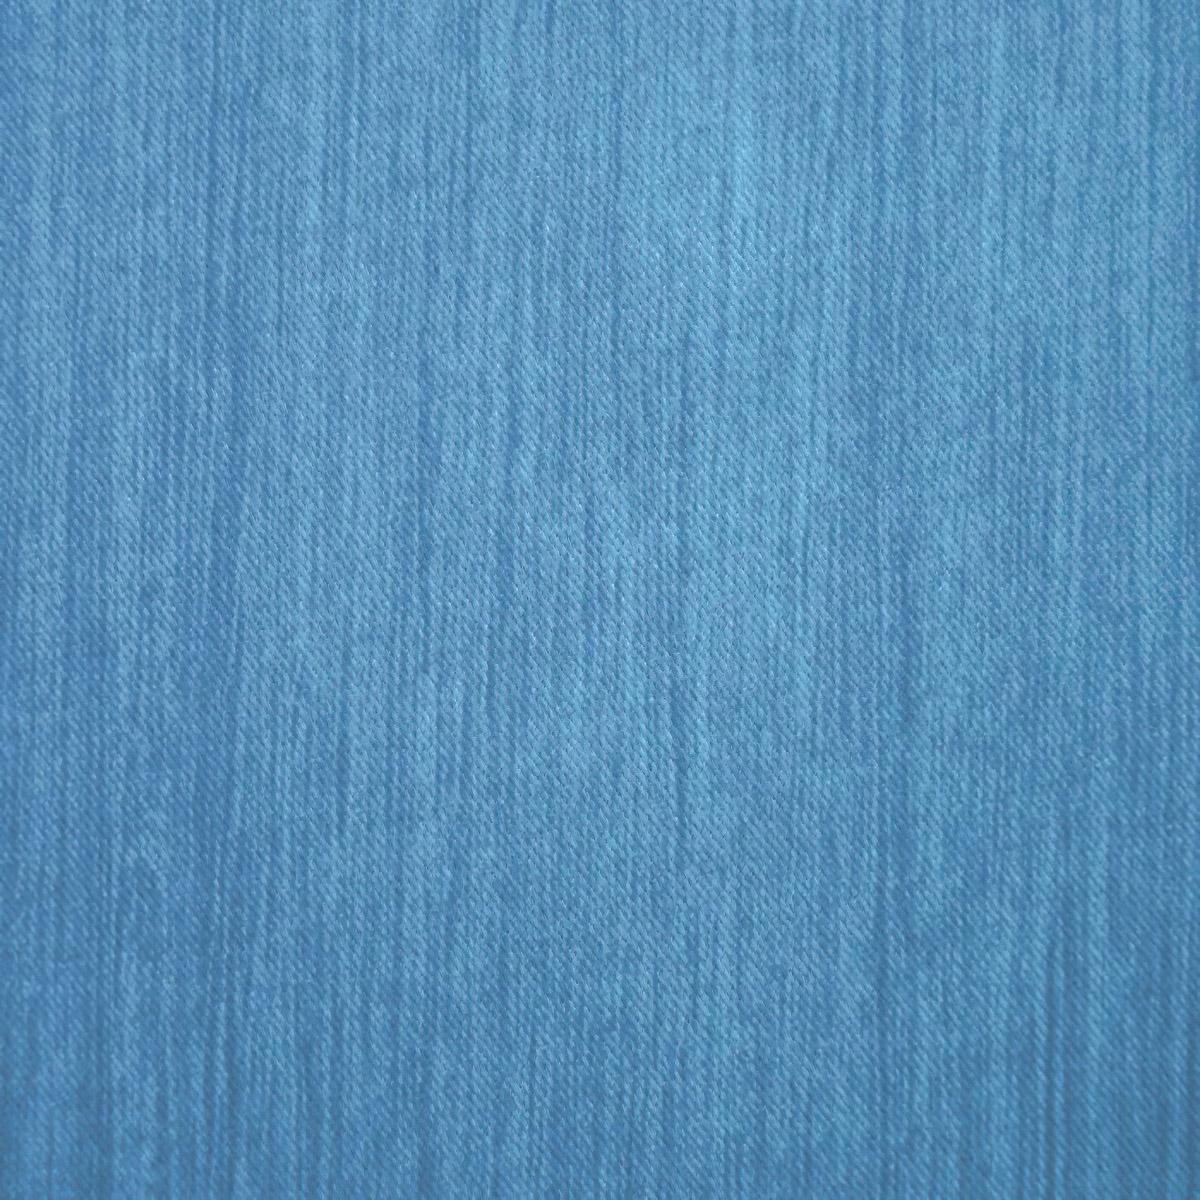 Olzatex Zatemňovací závěs, blackout P7909/112 světle modrý, šířka 150cm (látka v metráži)